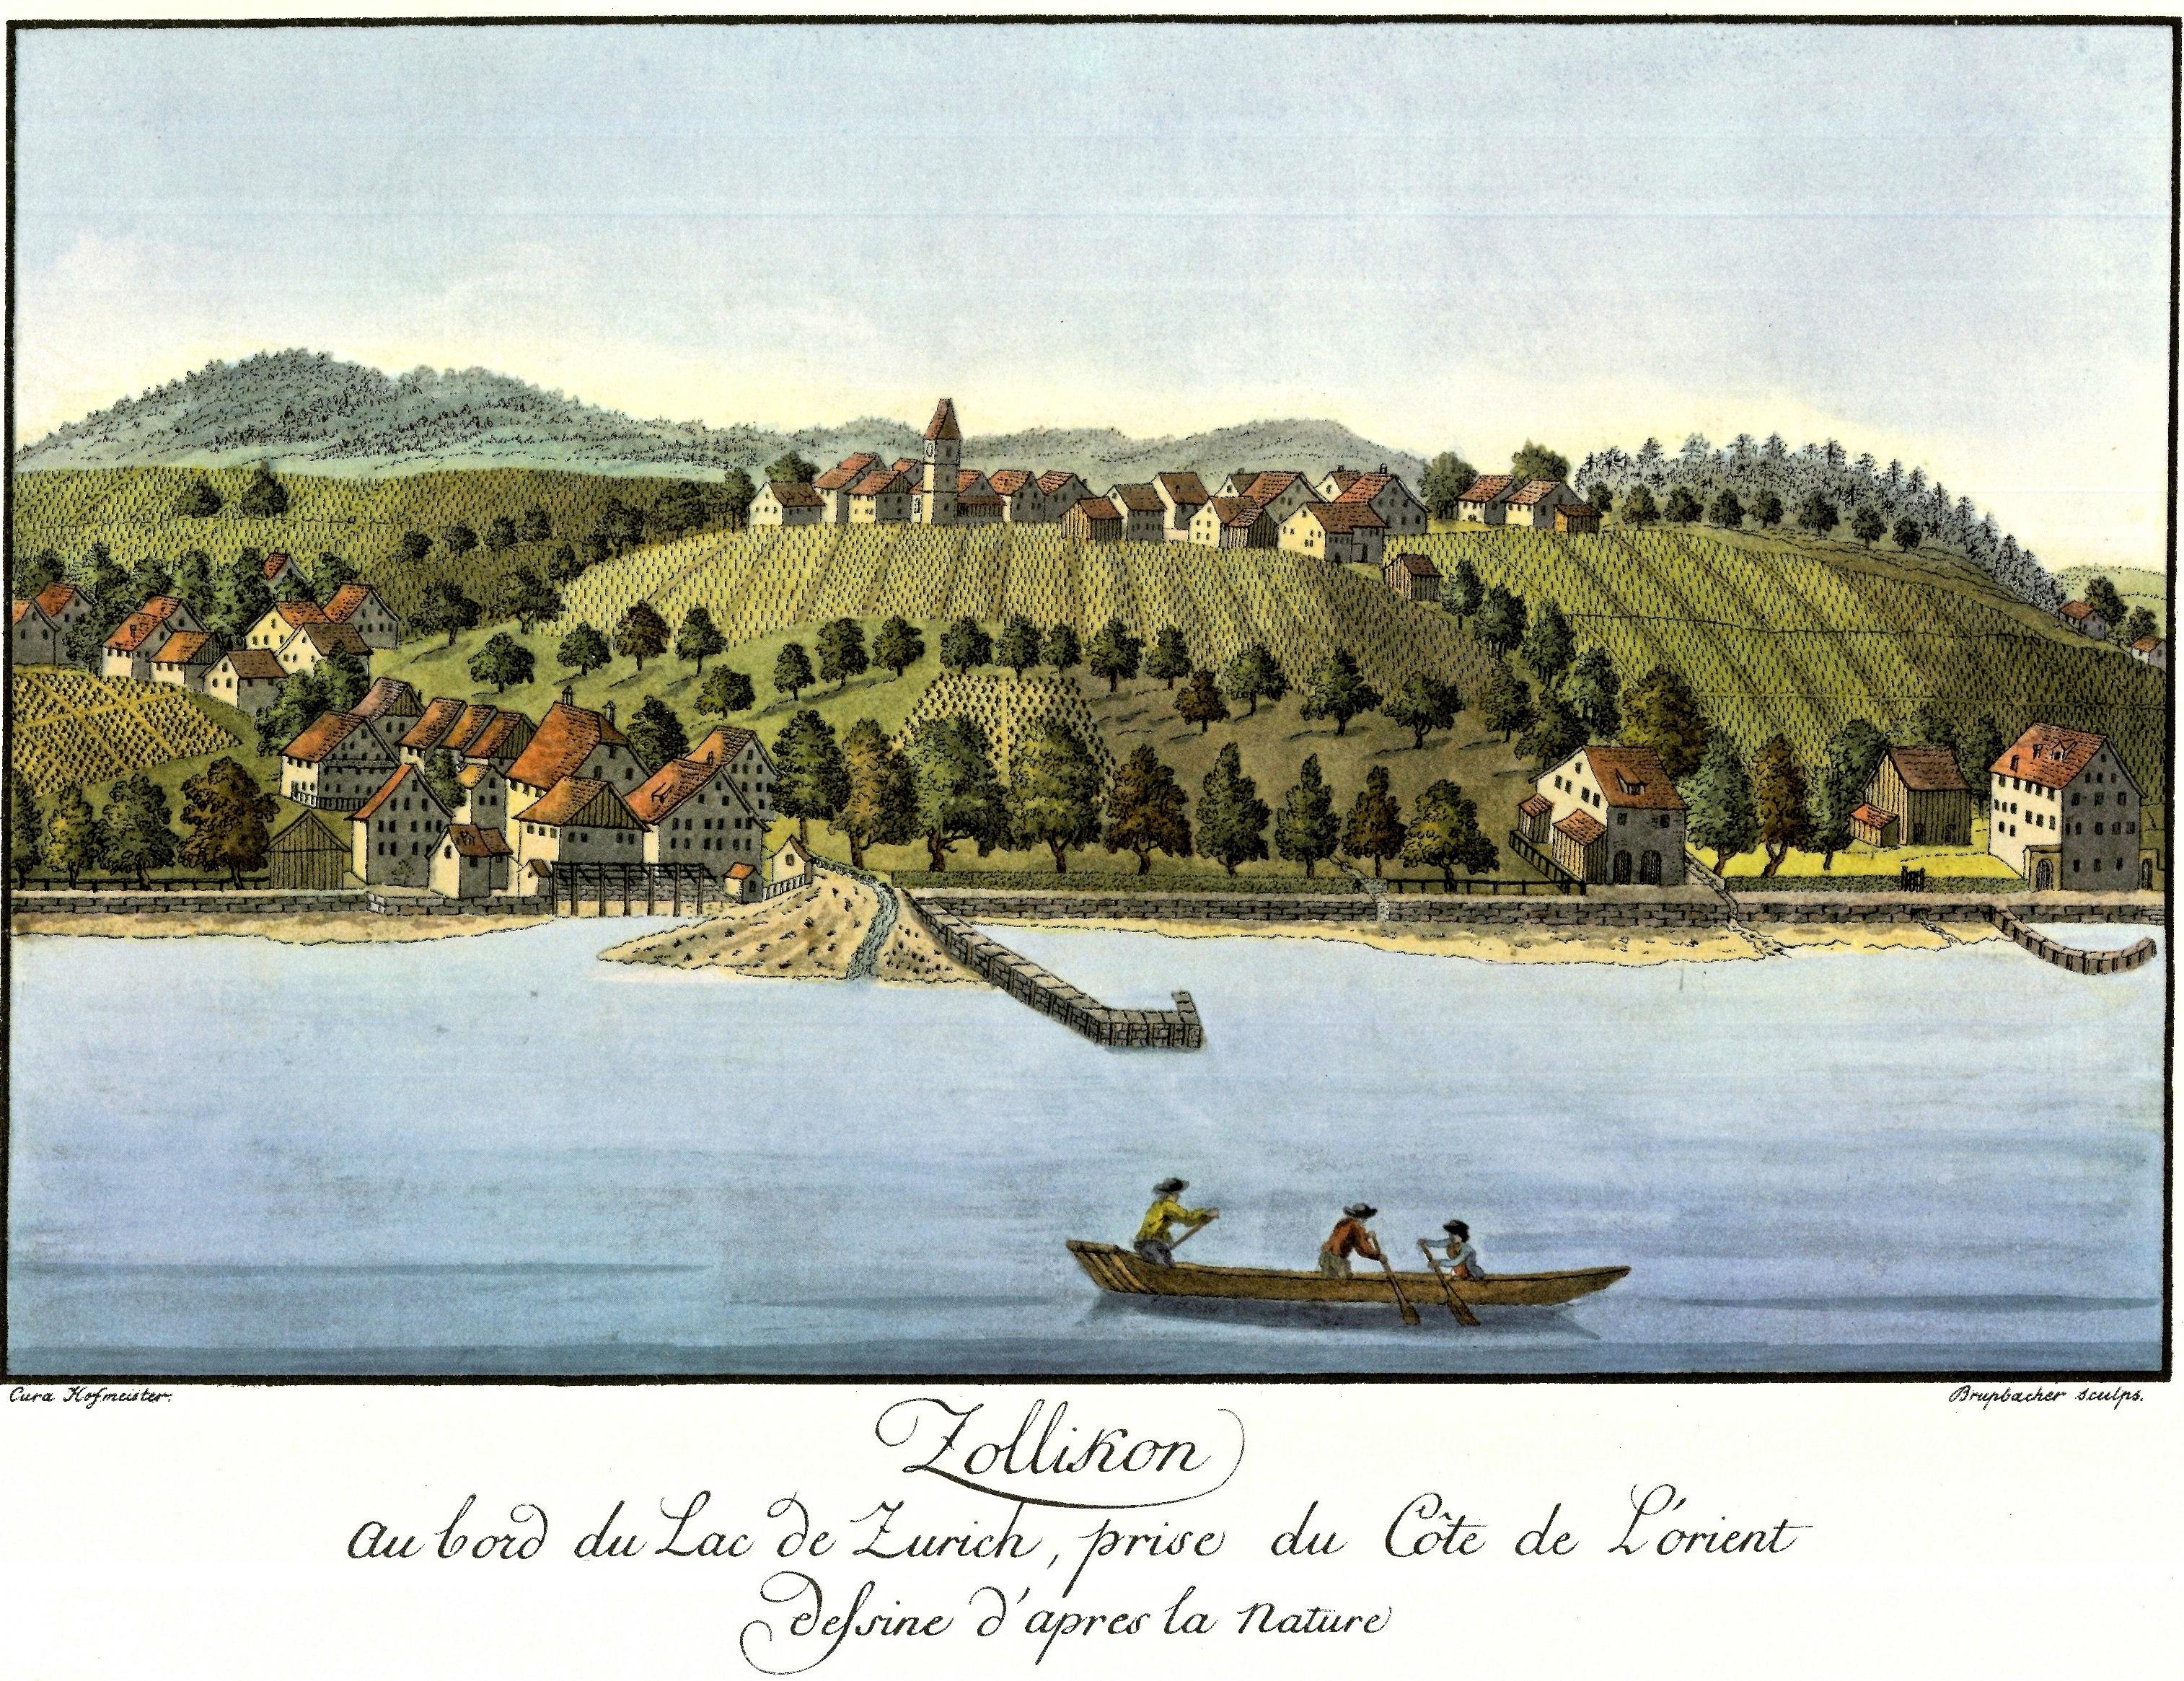 Zollikon 1794